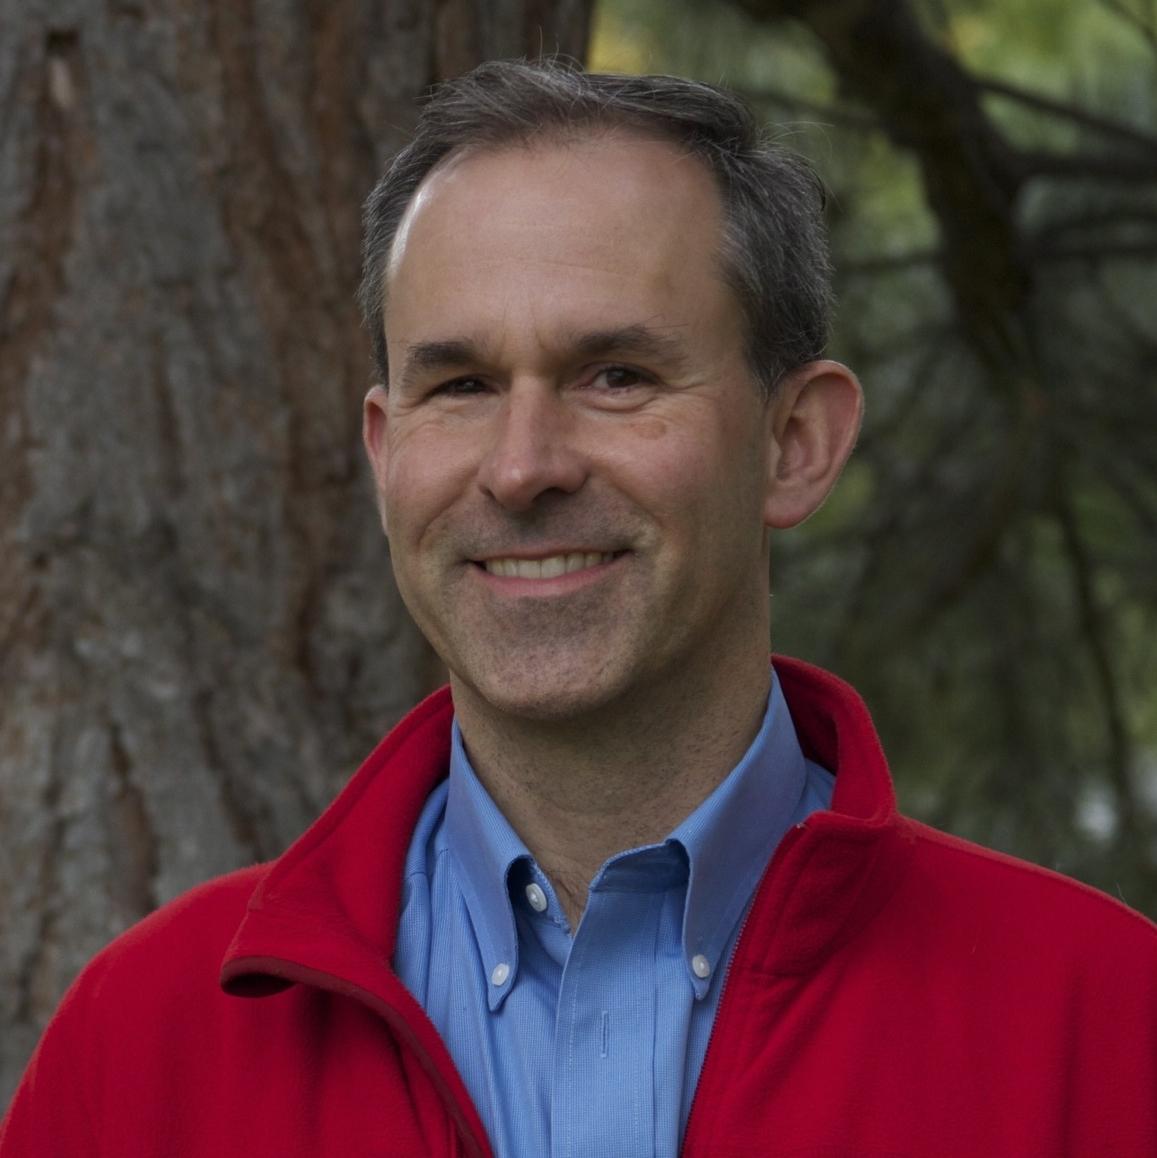 Daniel Reisenfeld